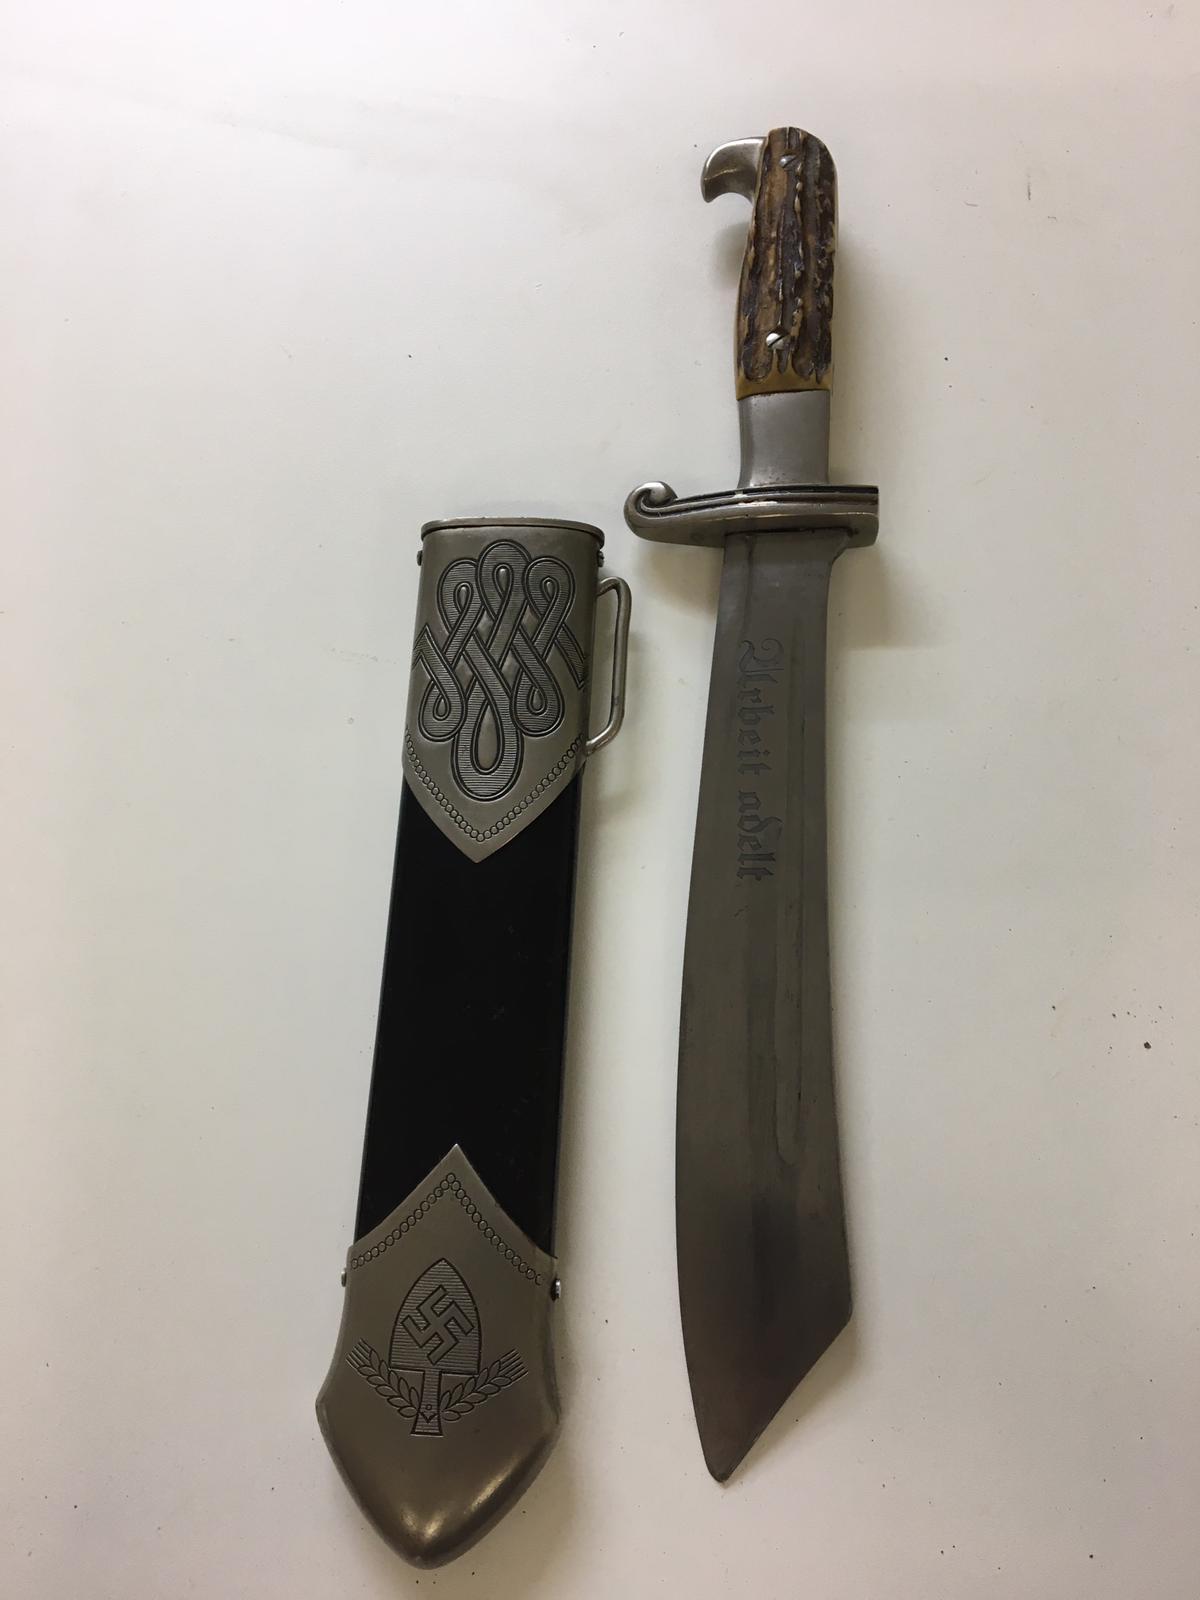 WWII German RAD hewer and sheath, blade by Carl Julius Krebs.